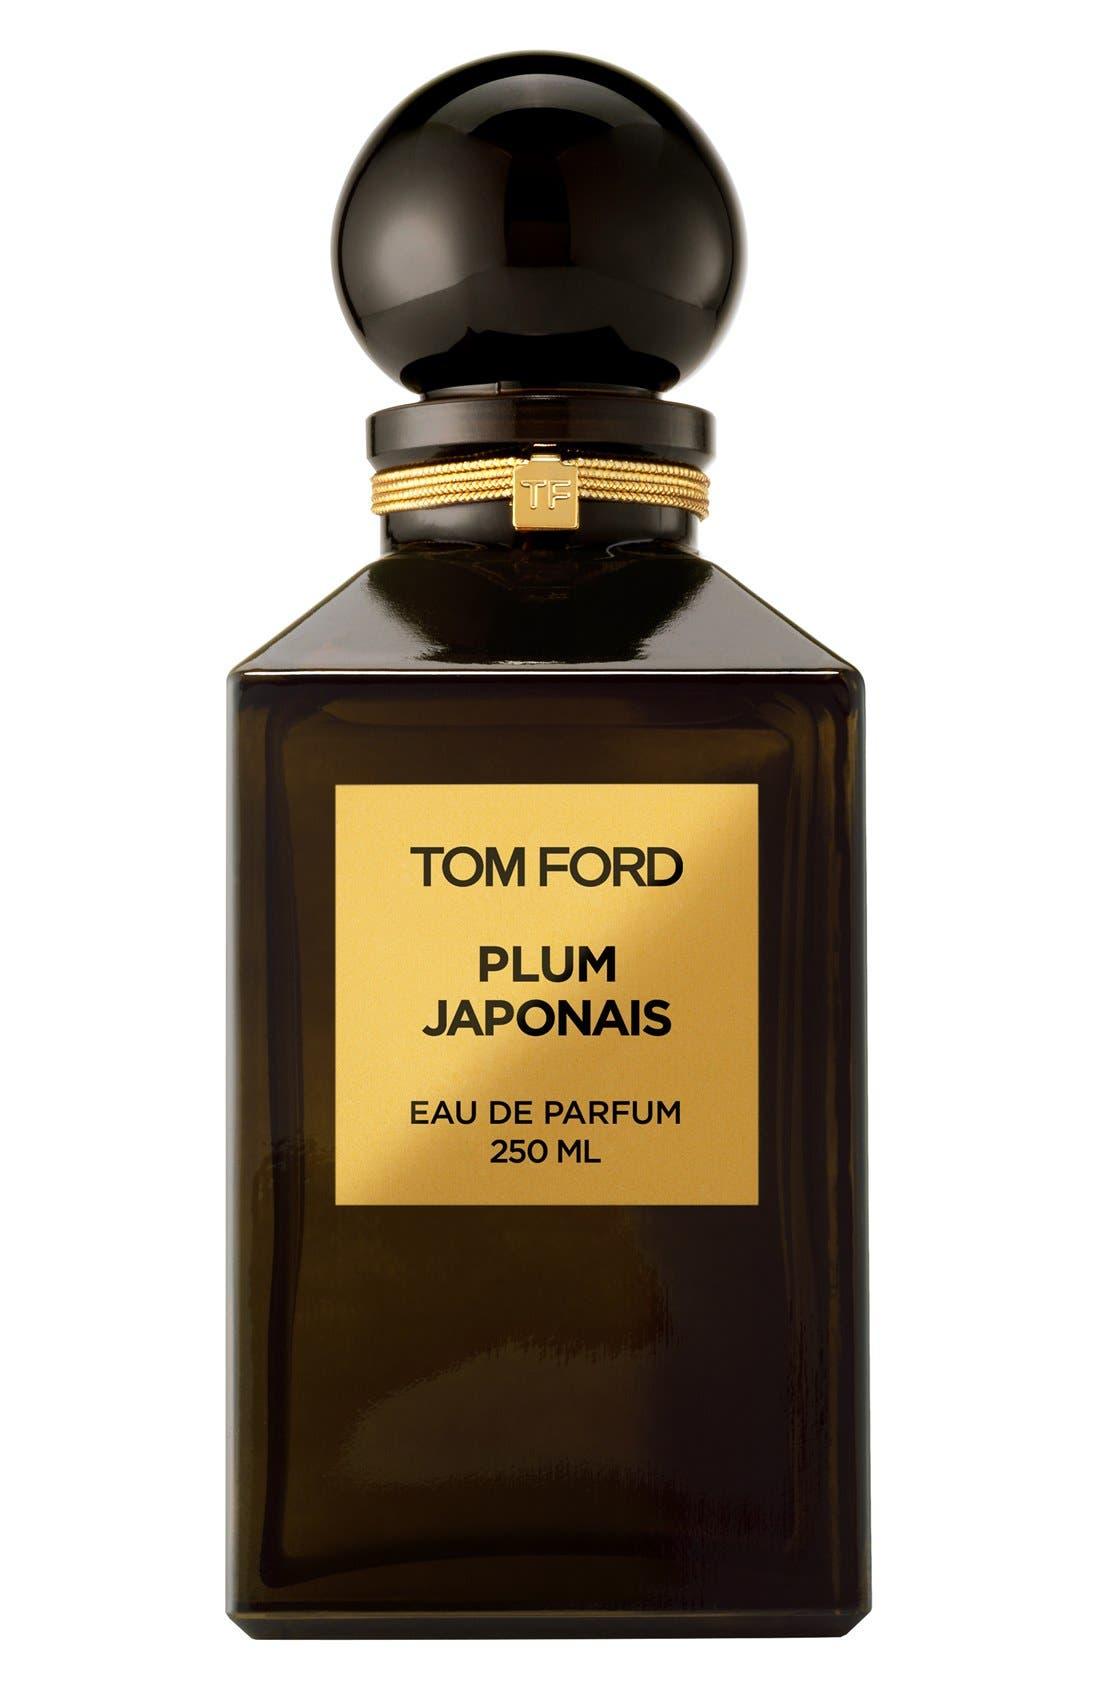 Tom Ford Private Blend Plum Japonais Eau de Parfum Decanter